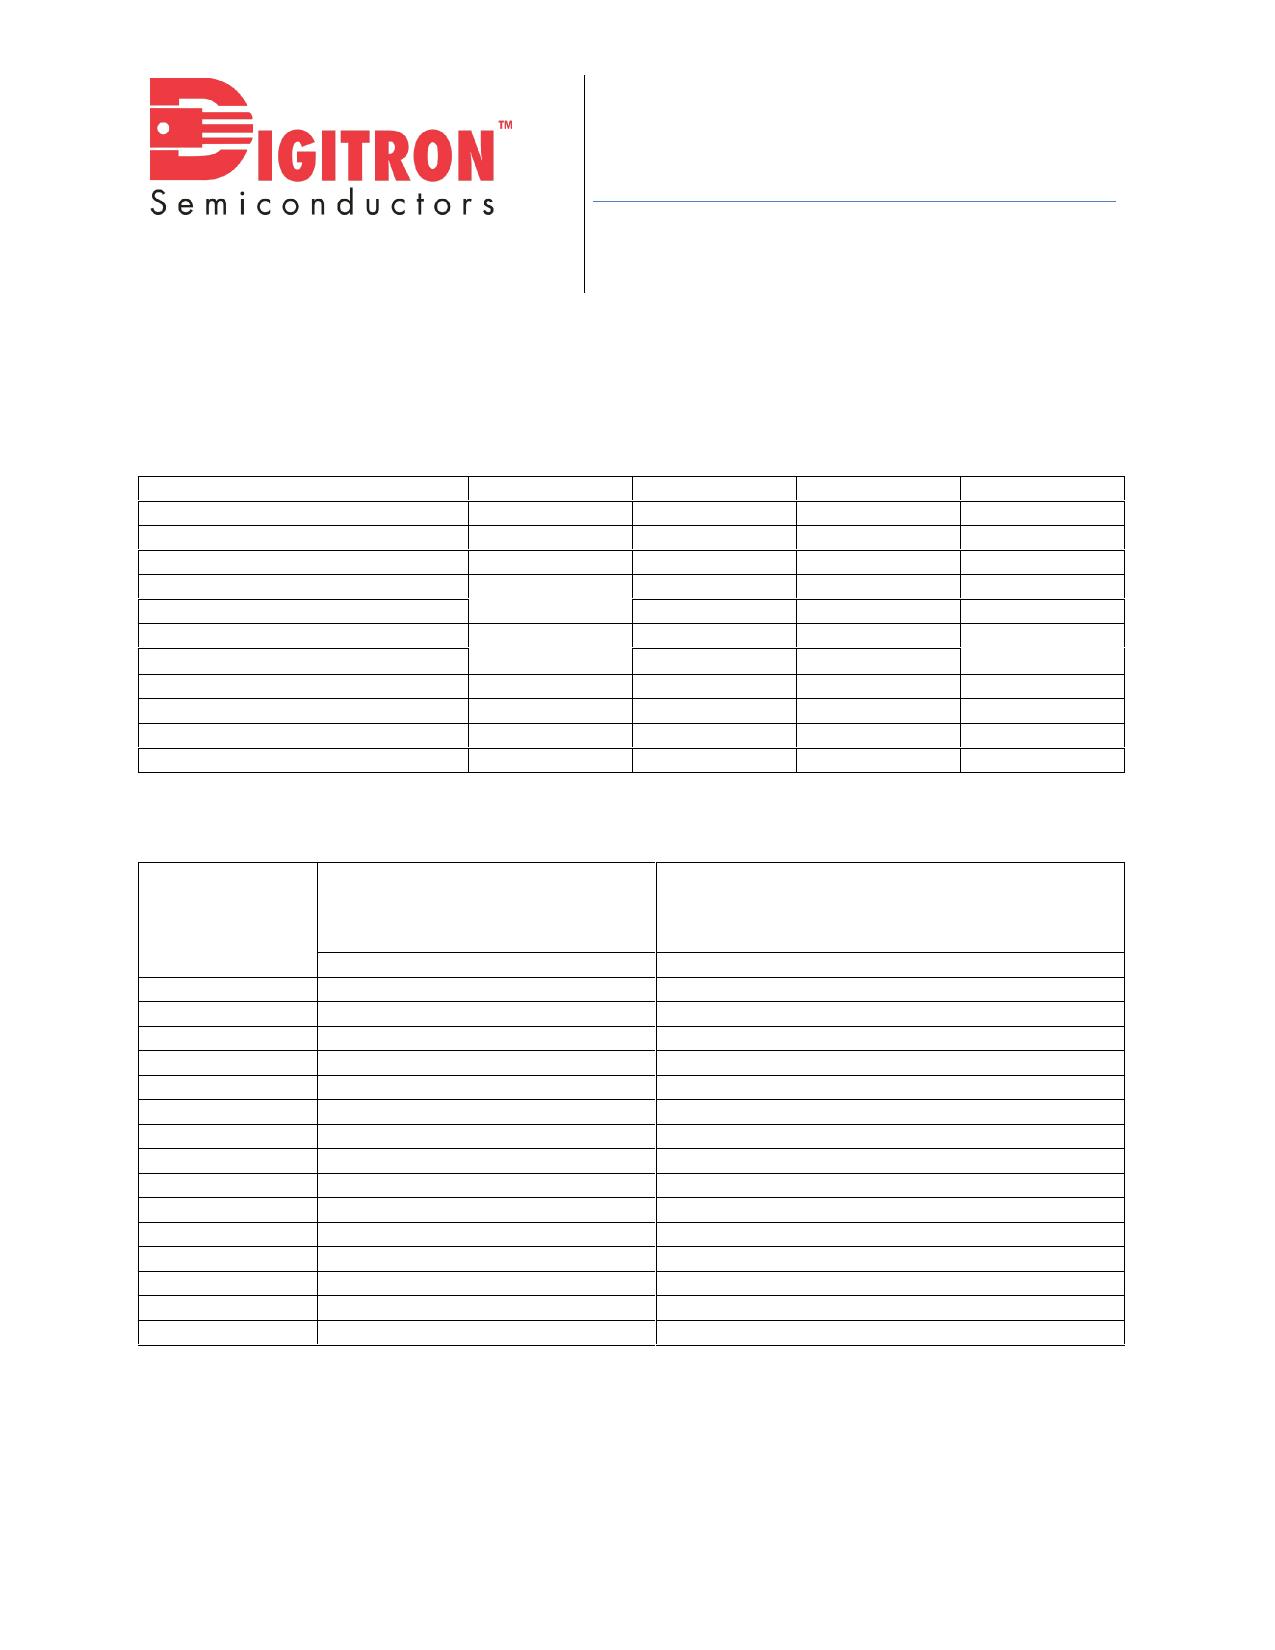 2N5205 دیتاشیت PDF